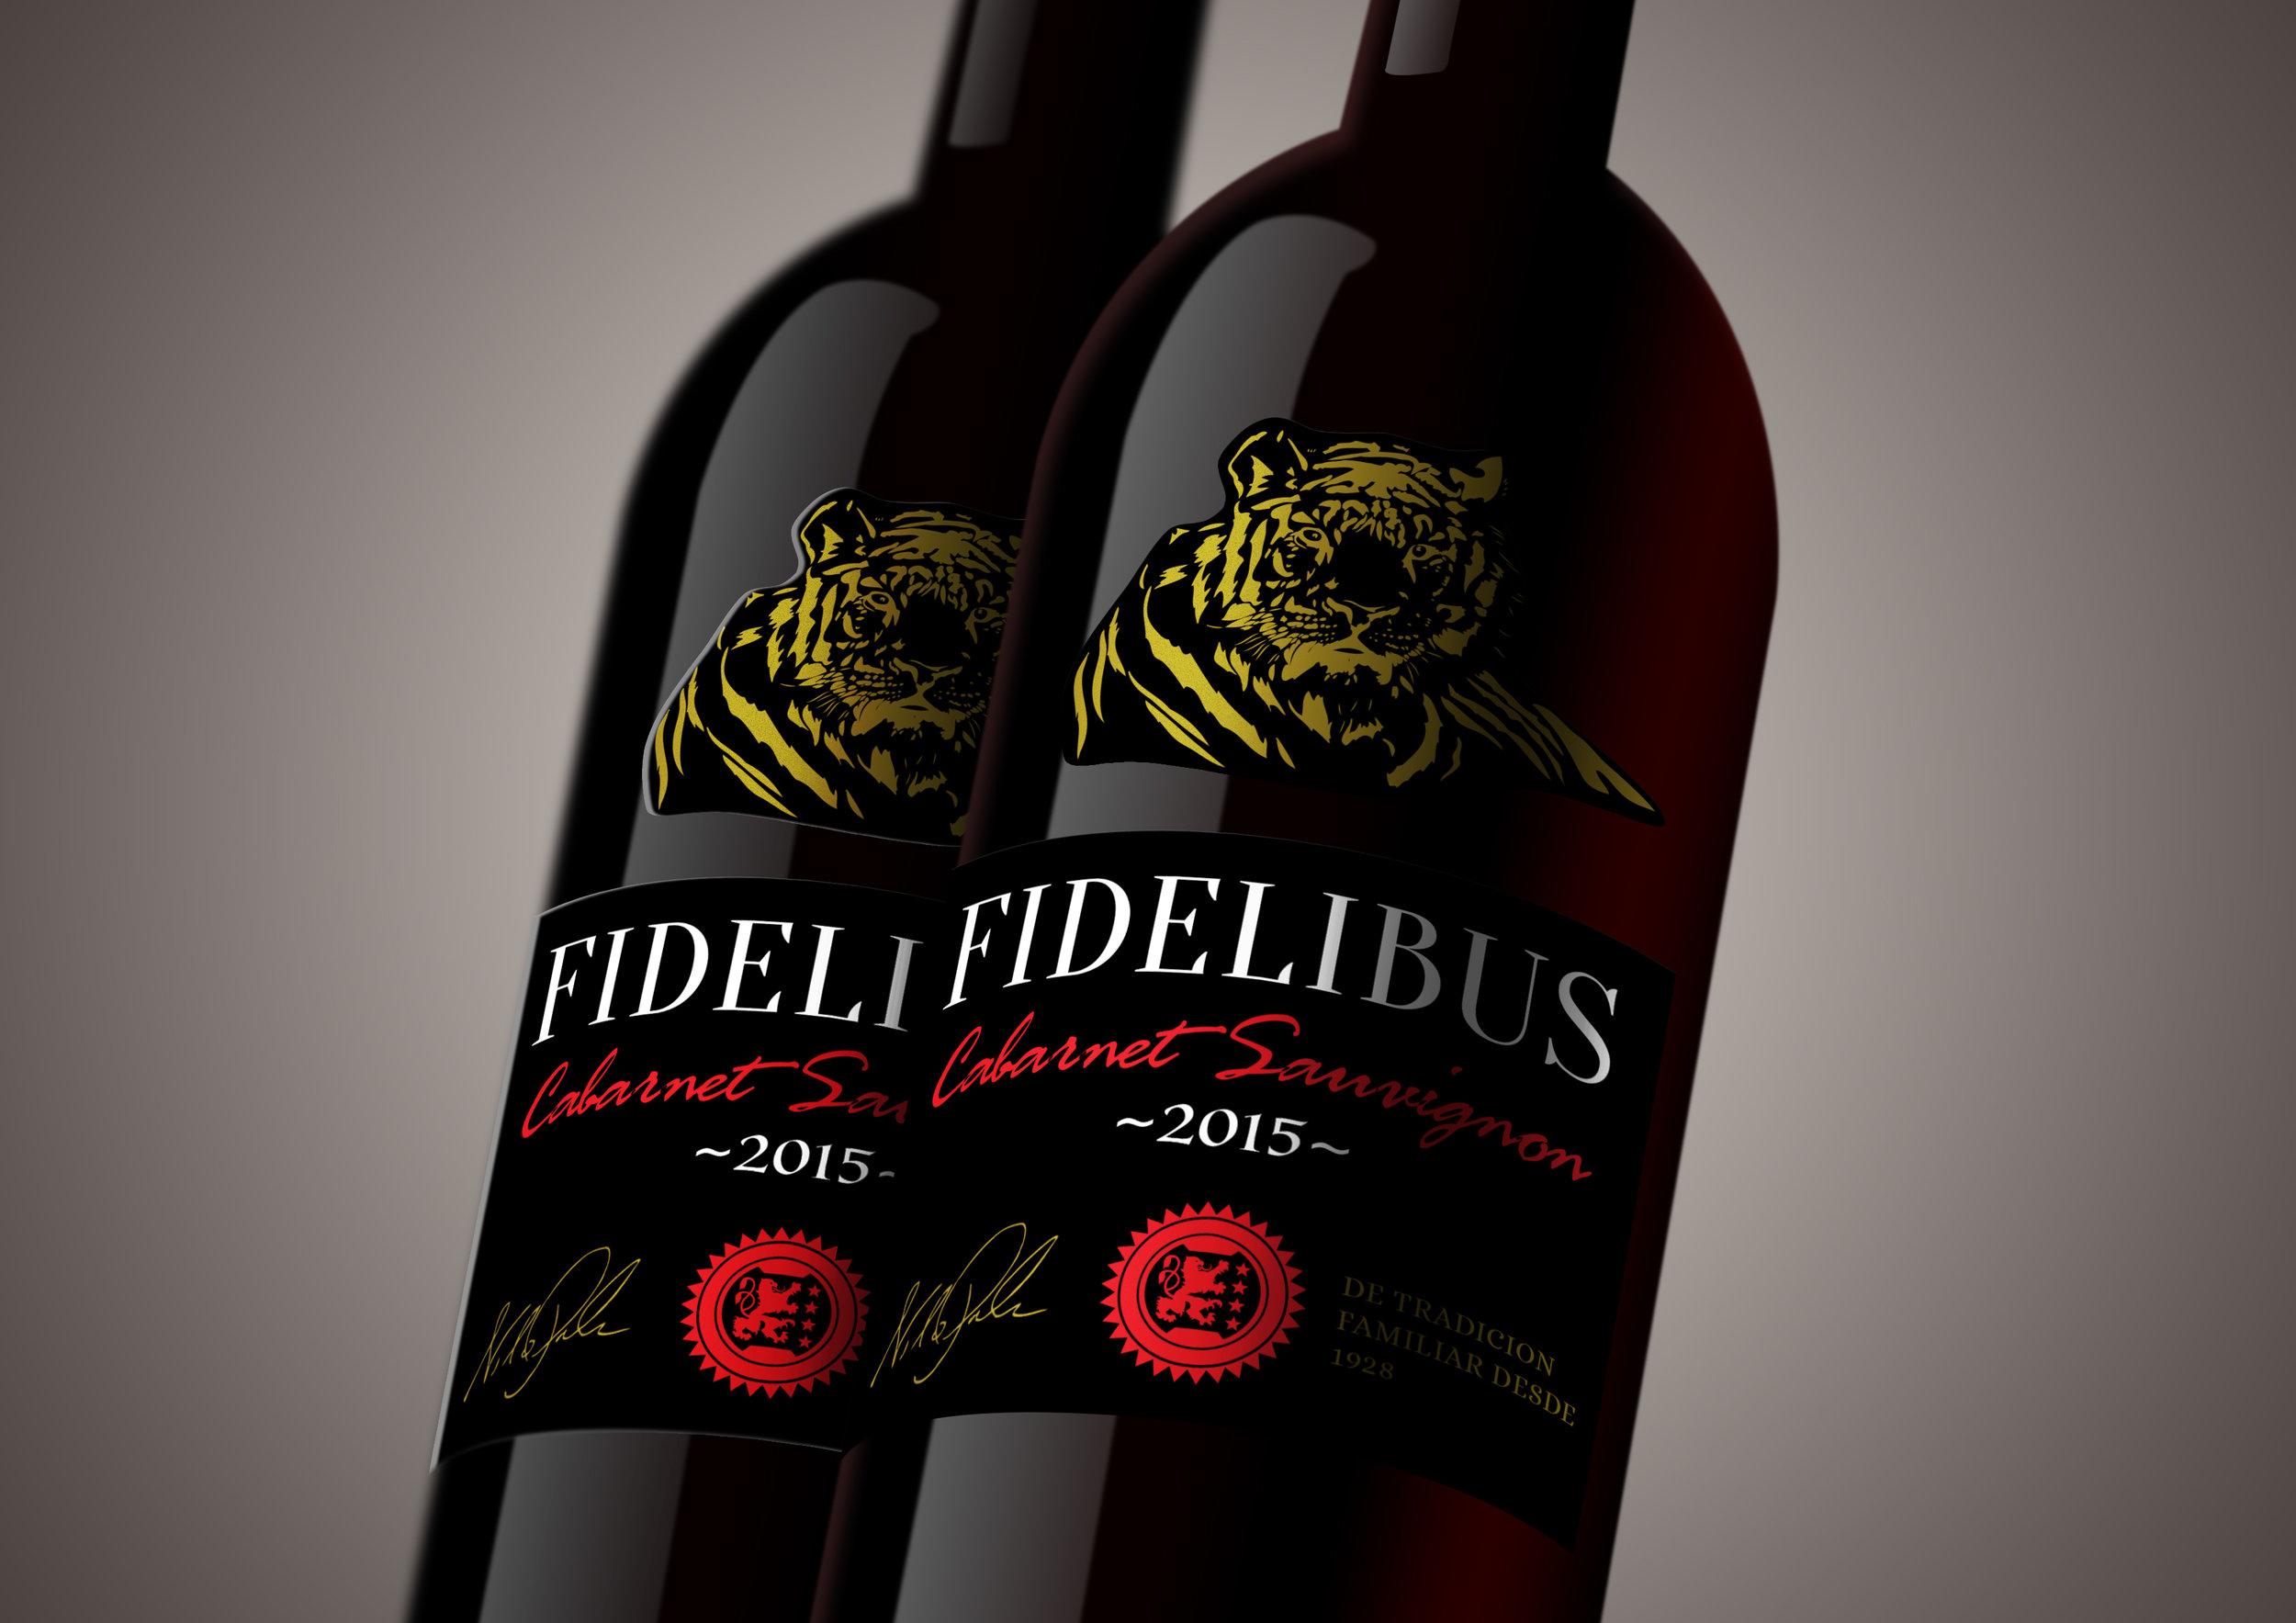 Fidelibus 2 bottle shot.jpg